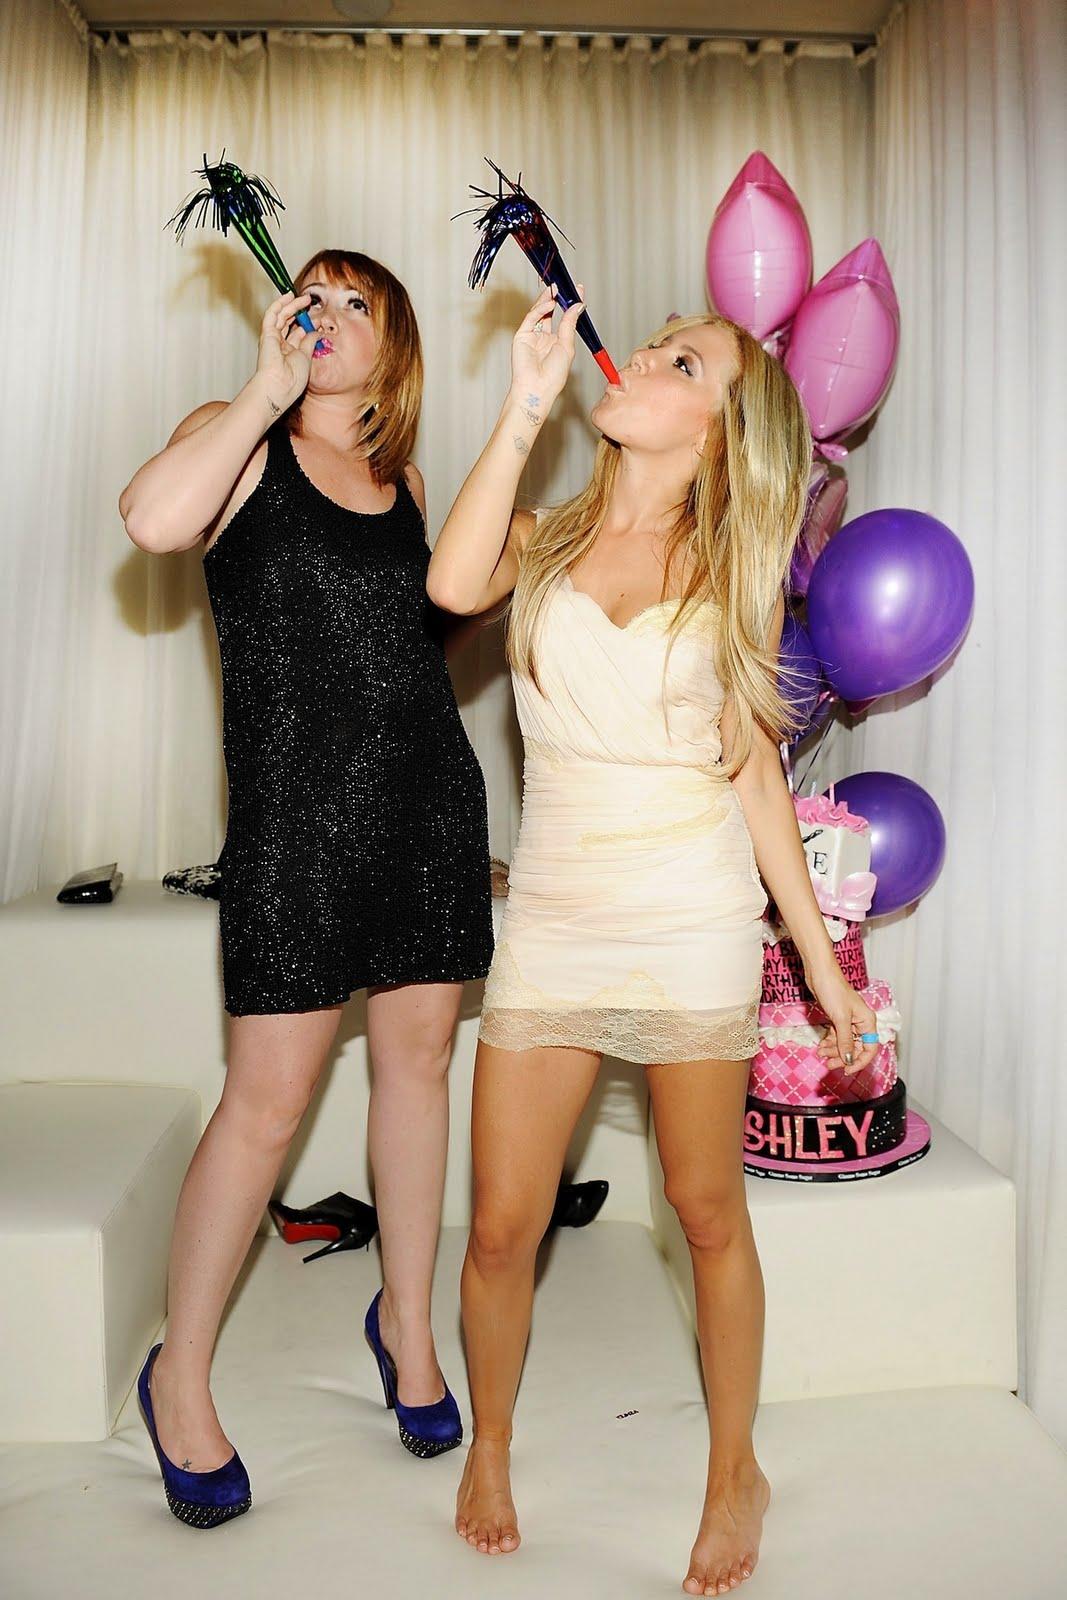 http://3.bp.blogspot.com/-DC0hKjngPwc/TiWjUhmT9mI/AAAAAAAAQ2A/j16a1Nxvld0/s1600/Ashley_Jennifer+Tisdale_PURE+Nightclub.jpg